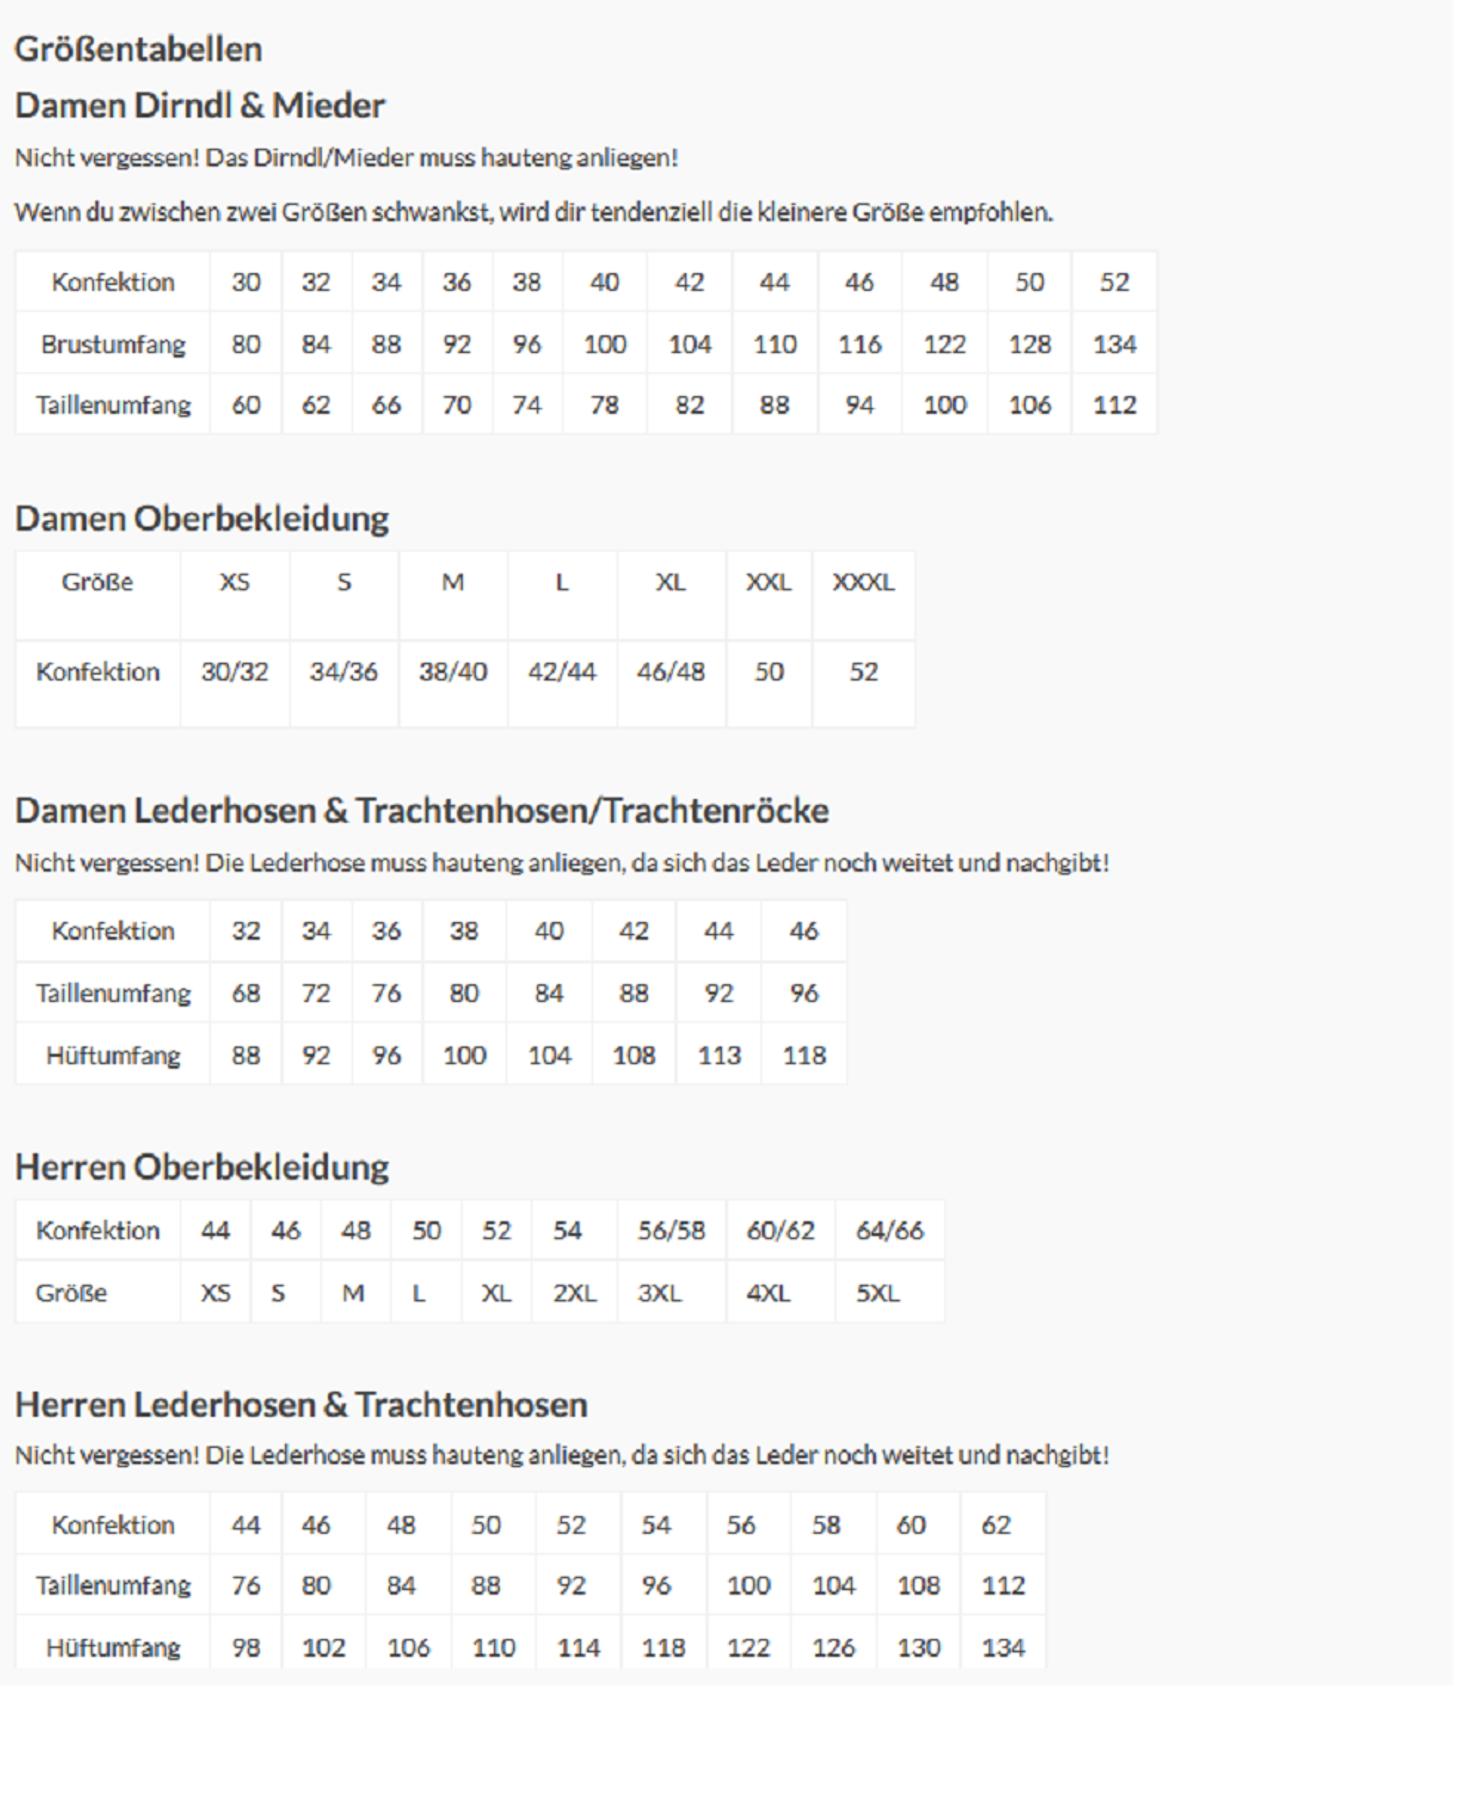 Krüger - Damen Trachtenhose im Lederhosen-Look in Grau, Chill-Zone (Artikelnummer: 38305-44) – Bild 5